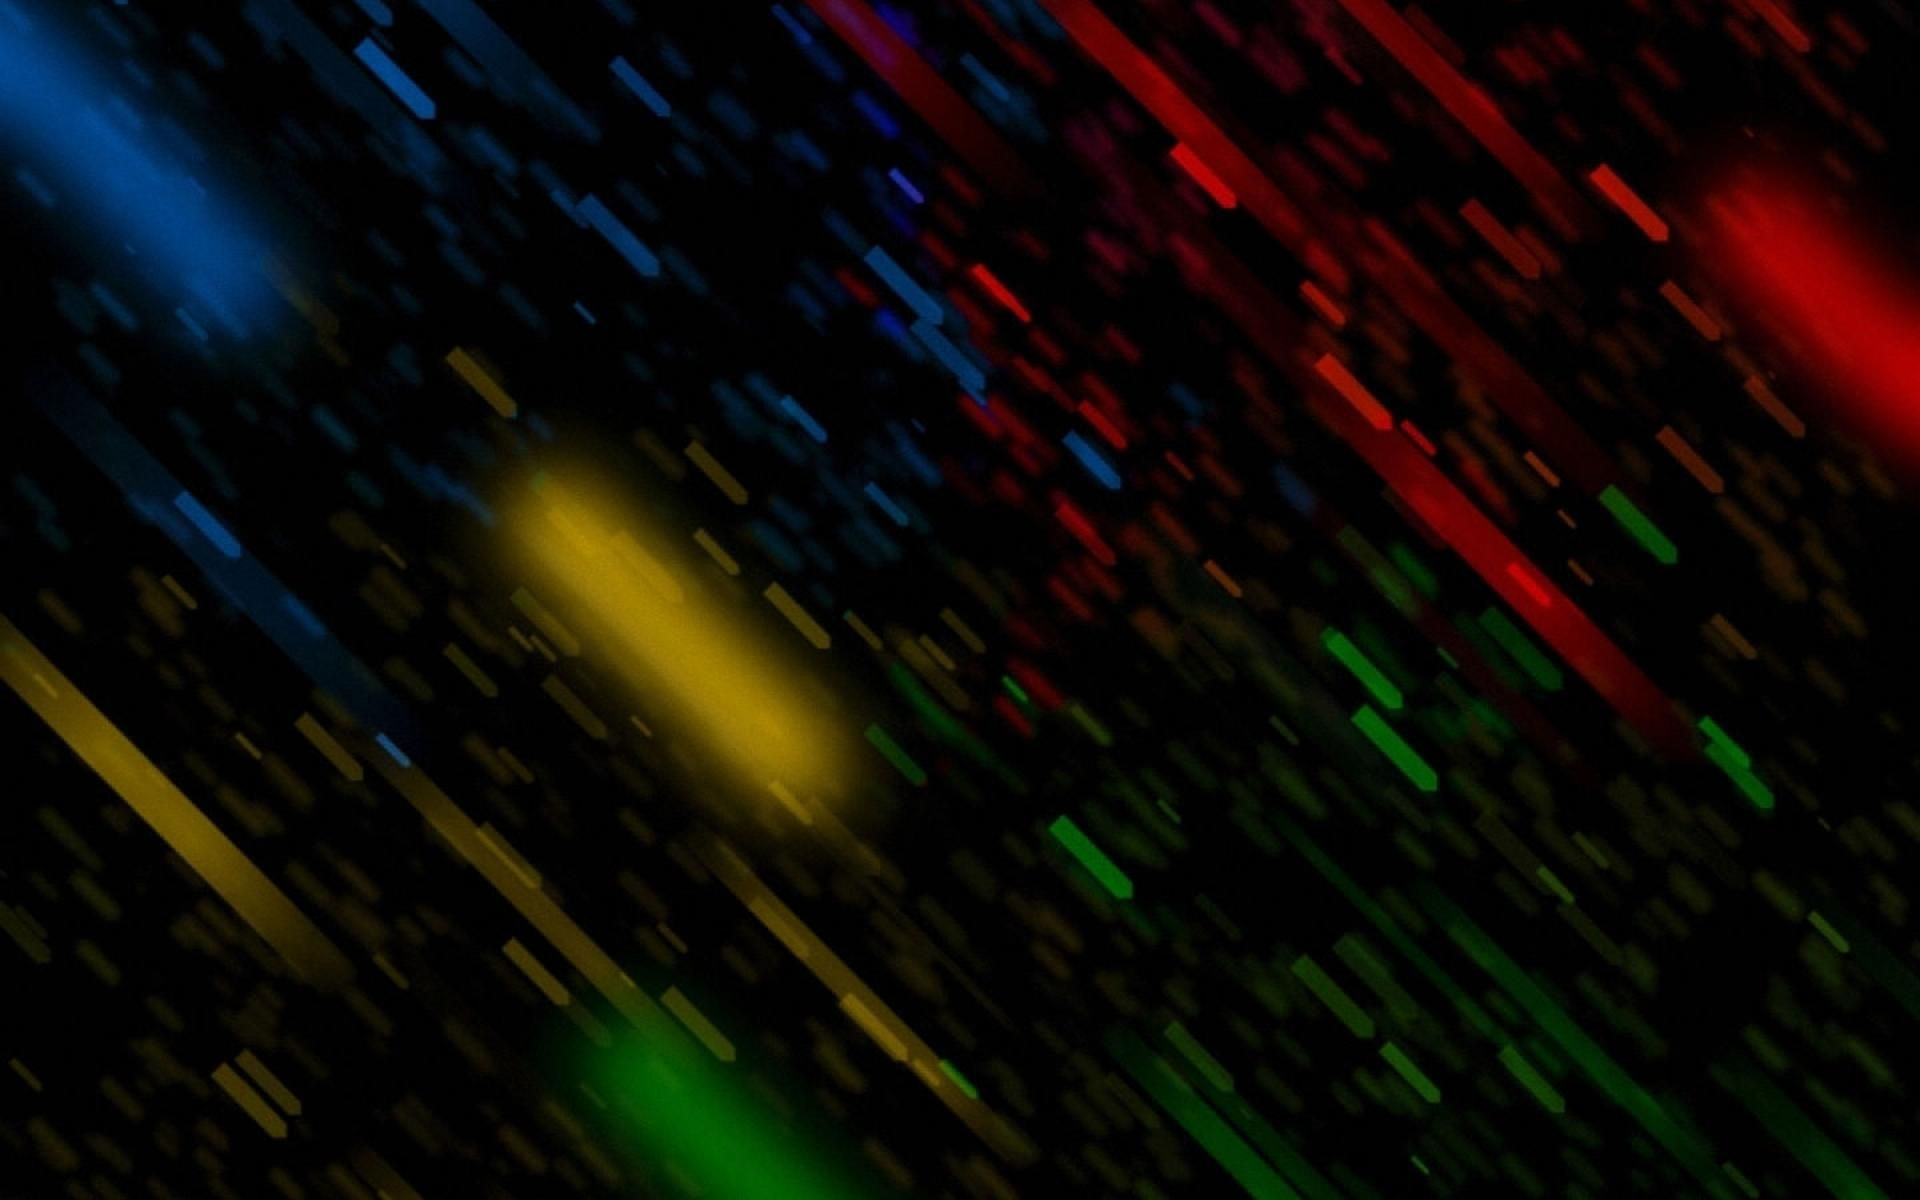 24 Image for PC: Nexus